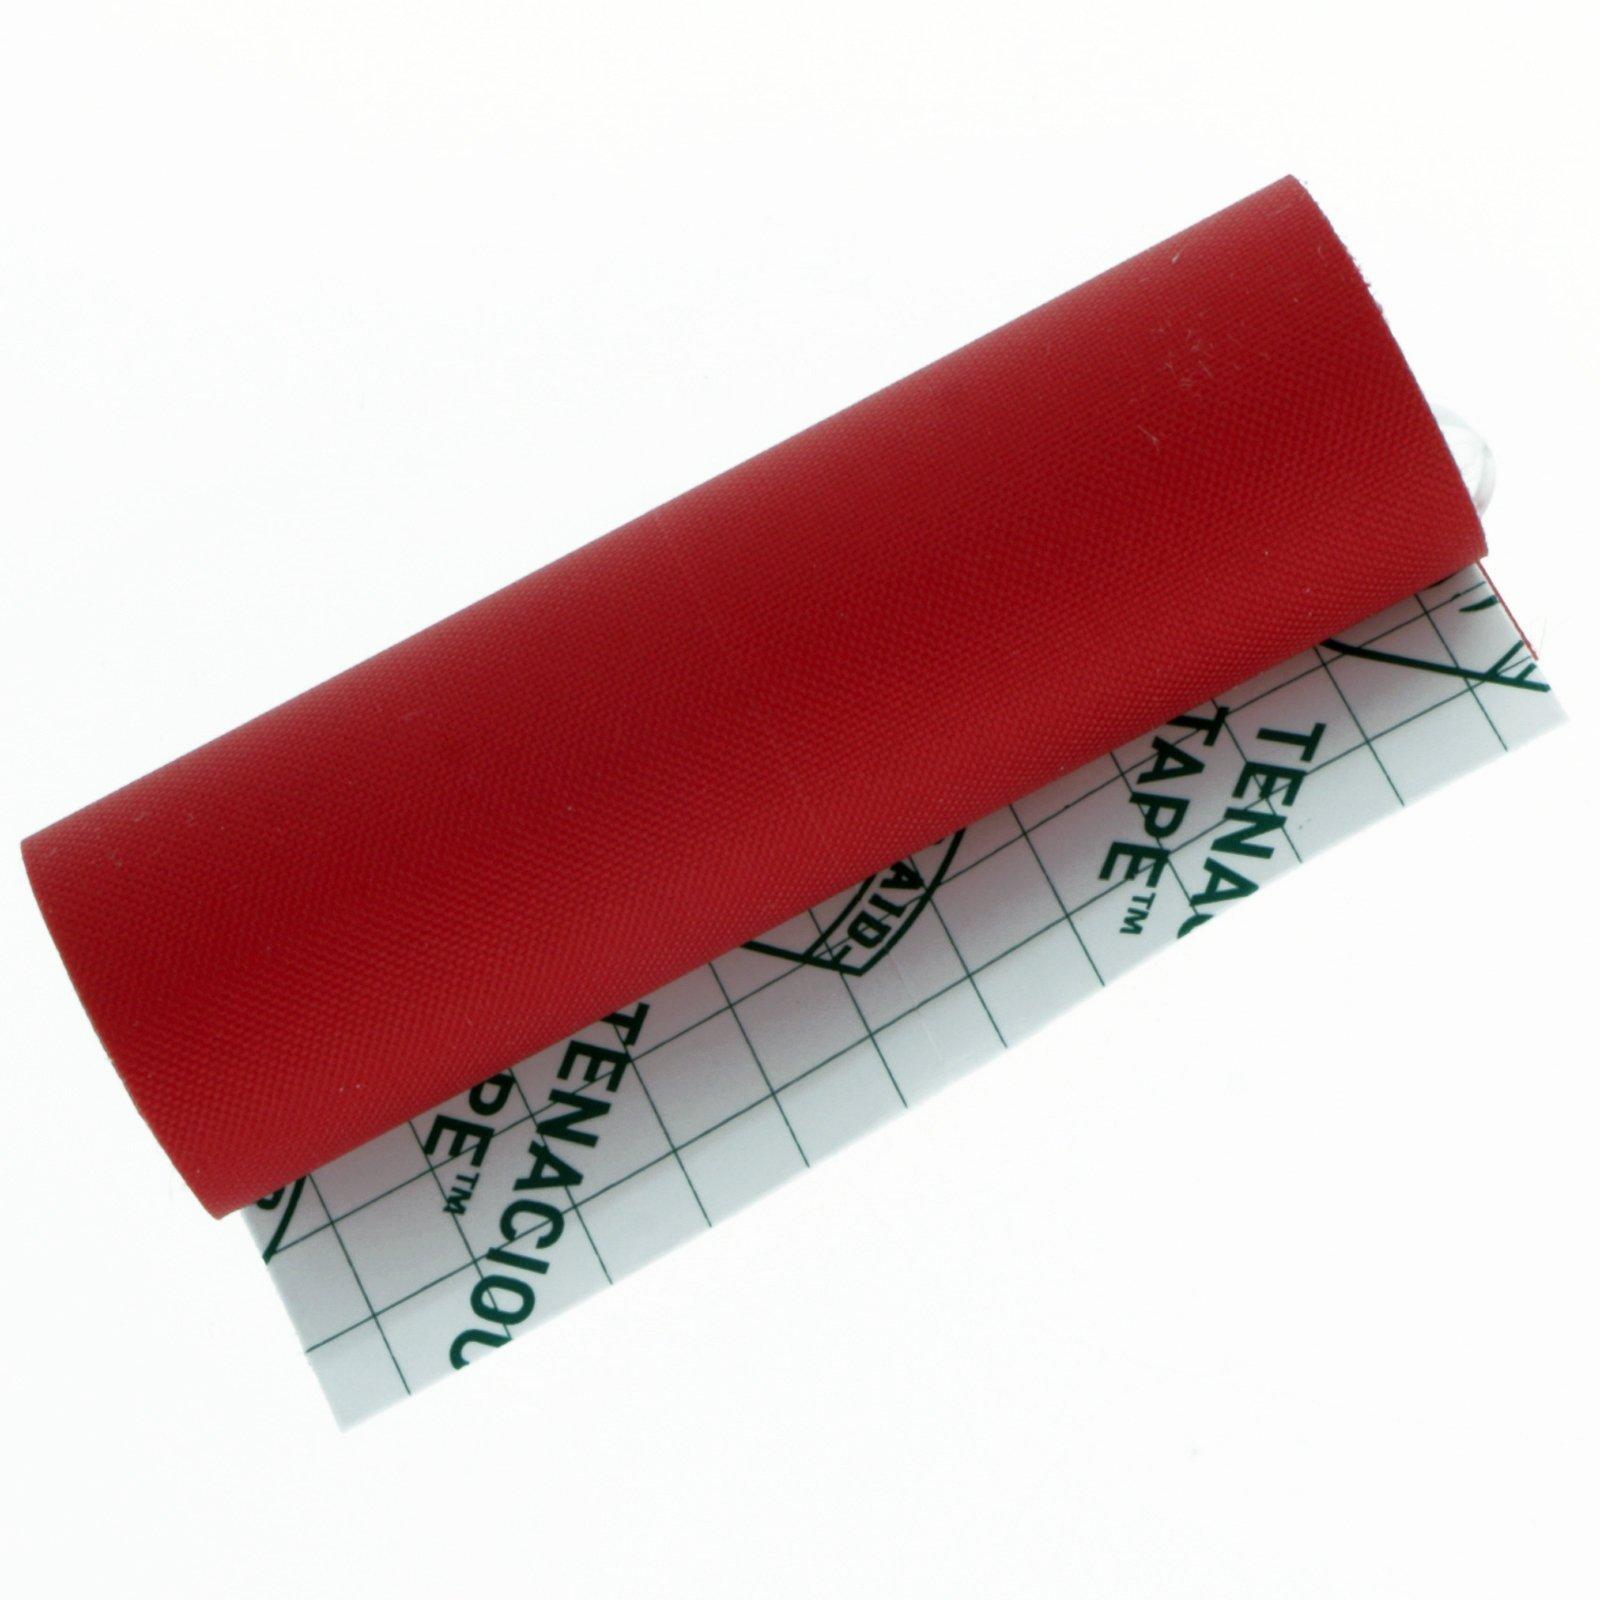 Tenacious Clean Adhesive Repair Tape - Red